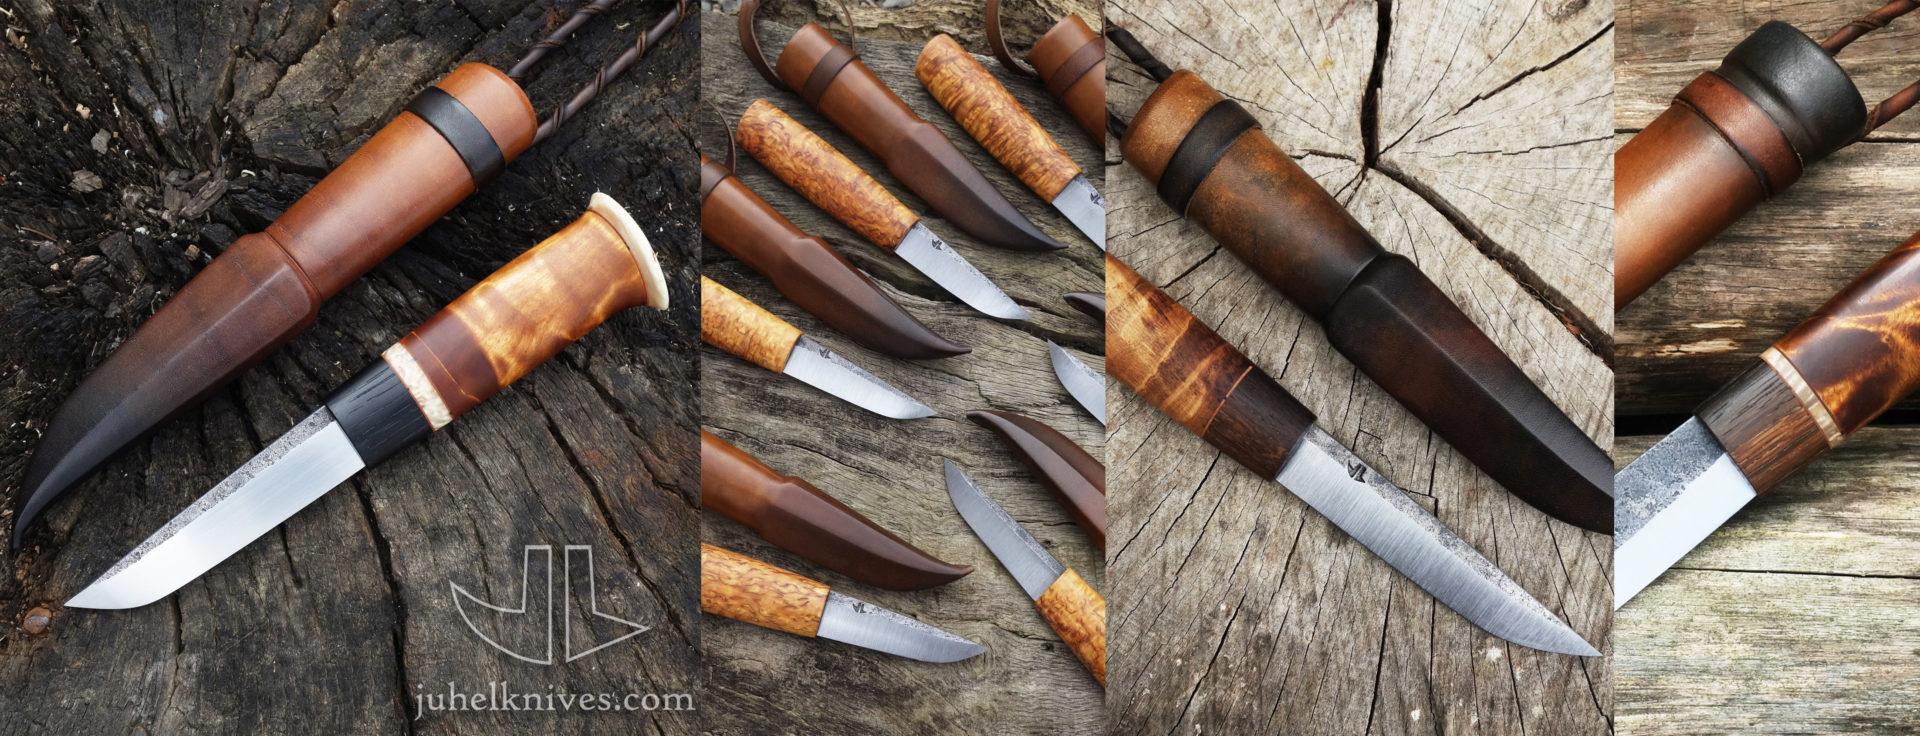 Laurent Juhel – knifemaker